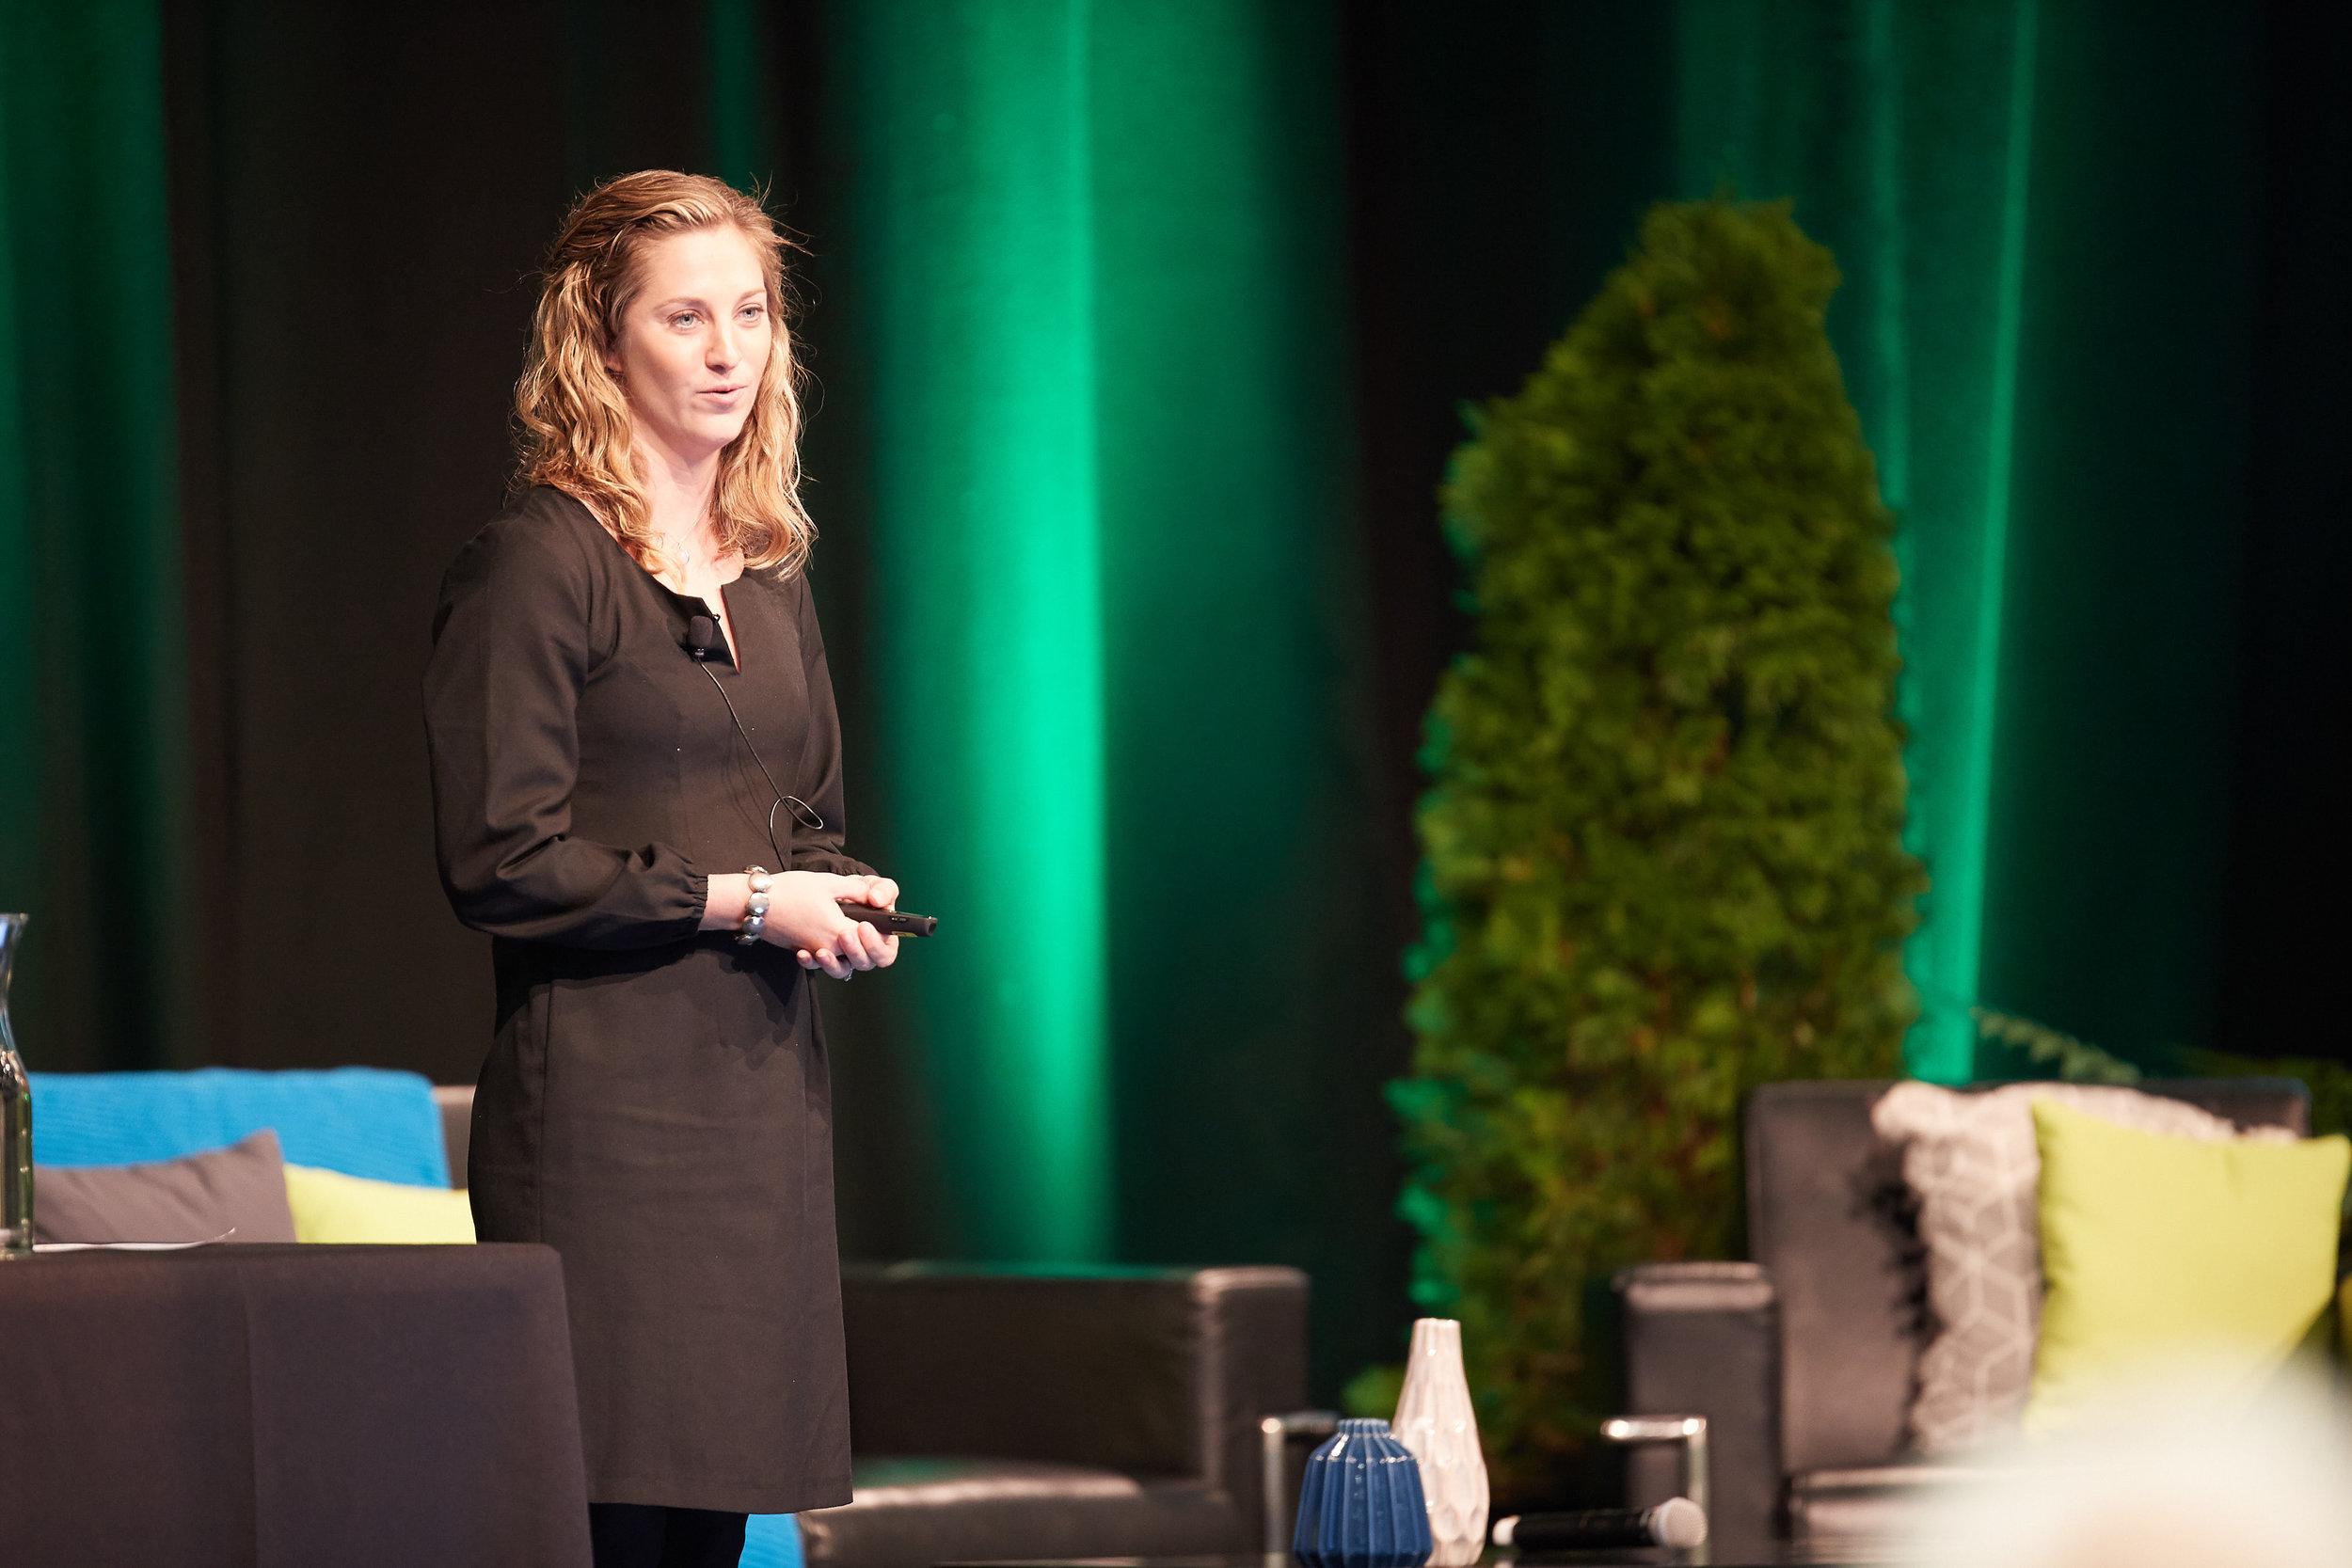 Keynote speaker presenting on stage